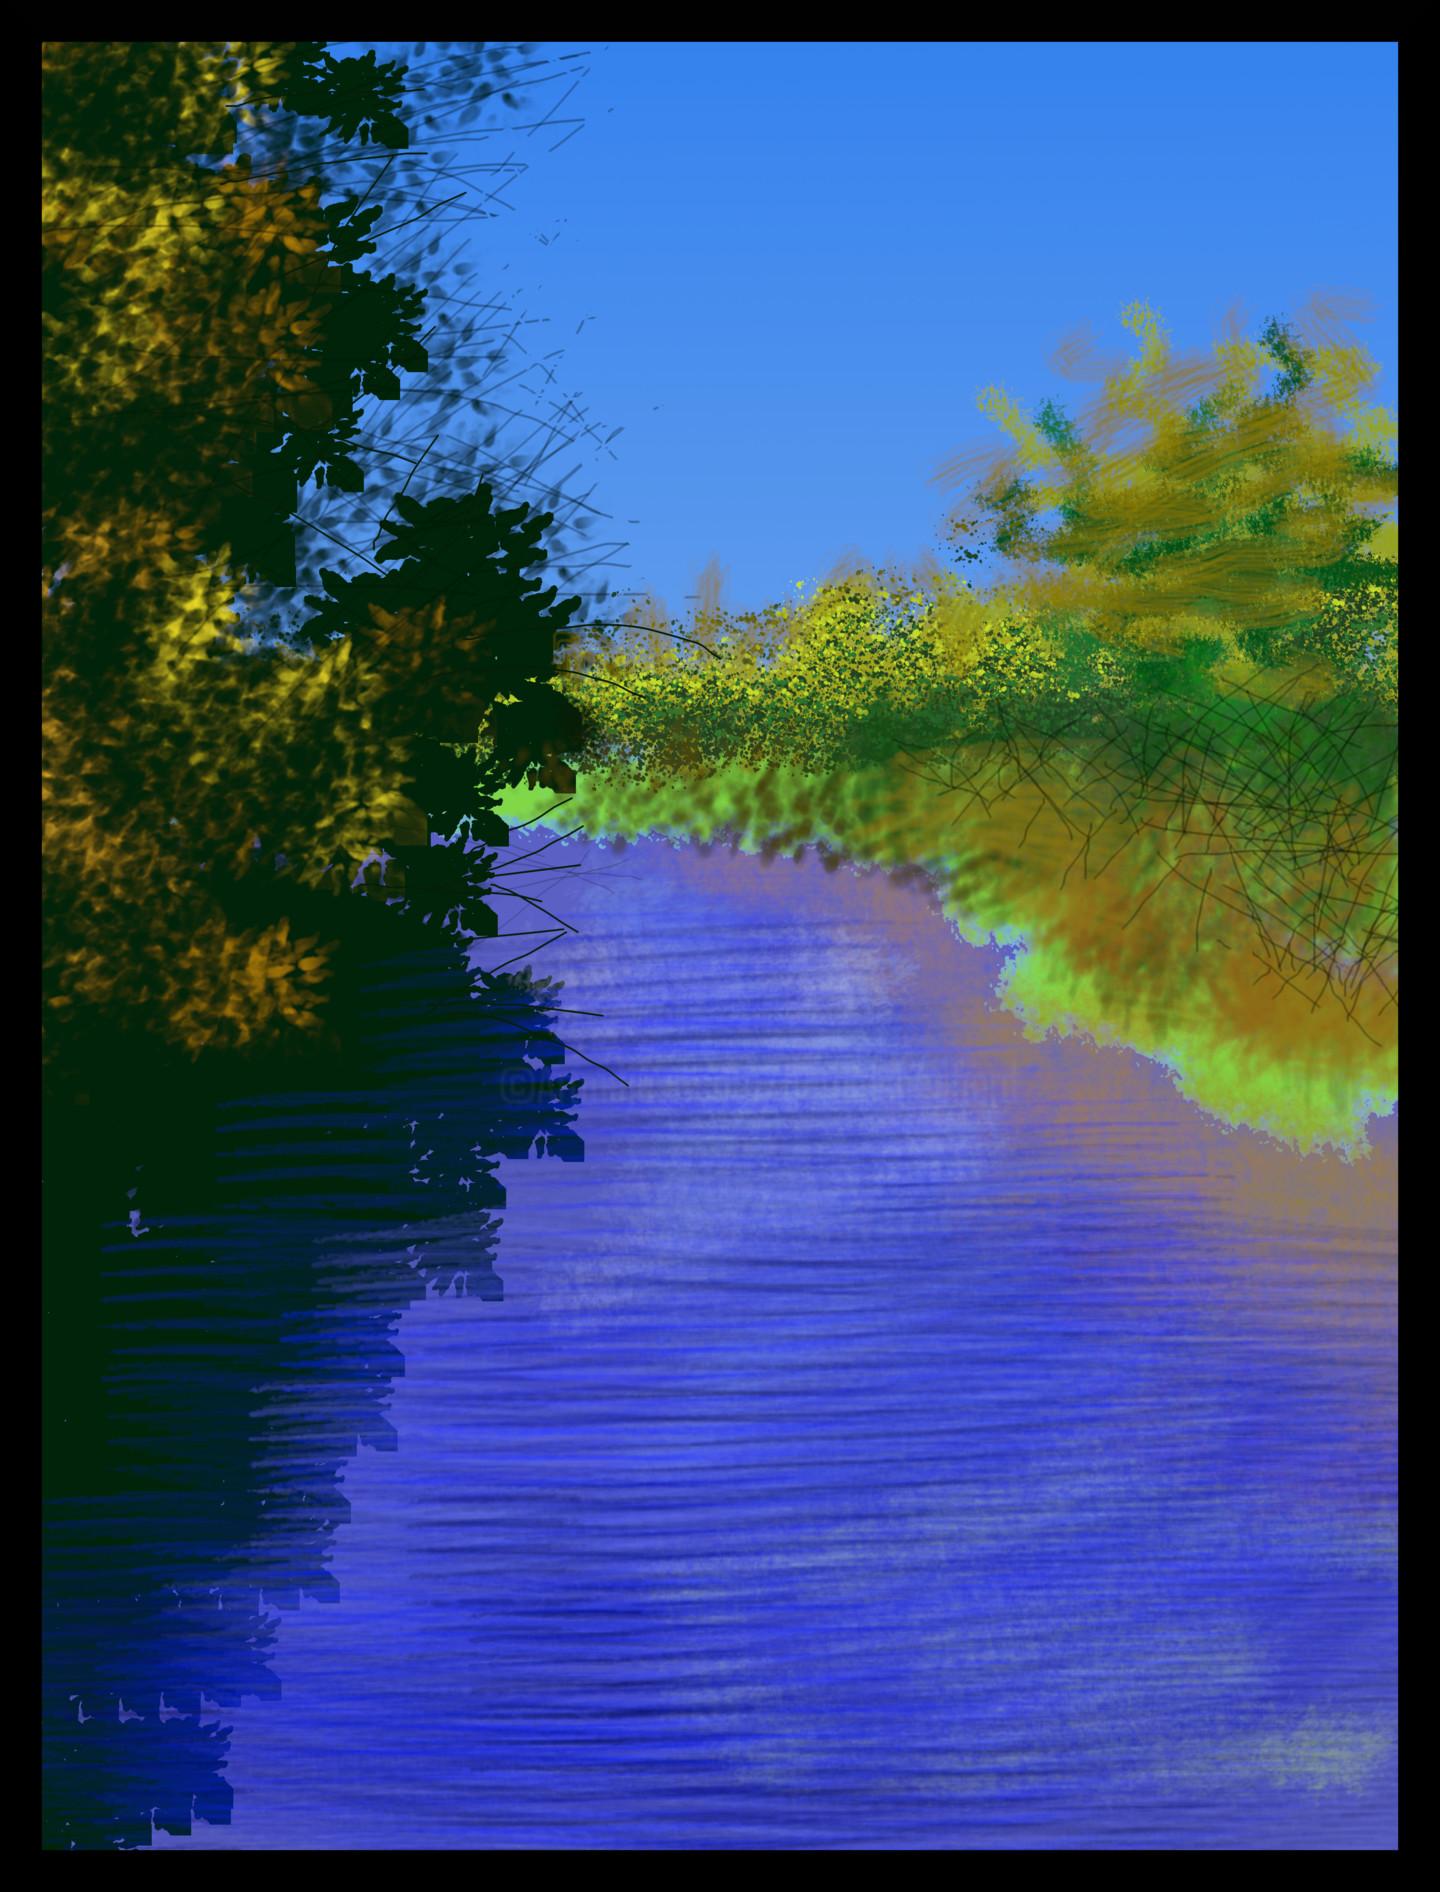 Gerald Shepherd - The River